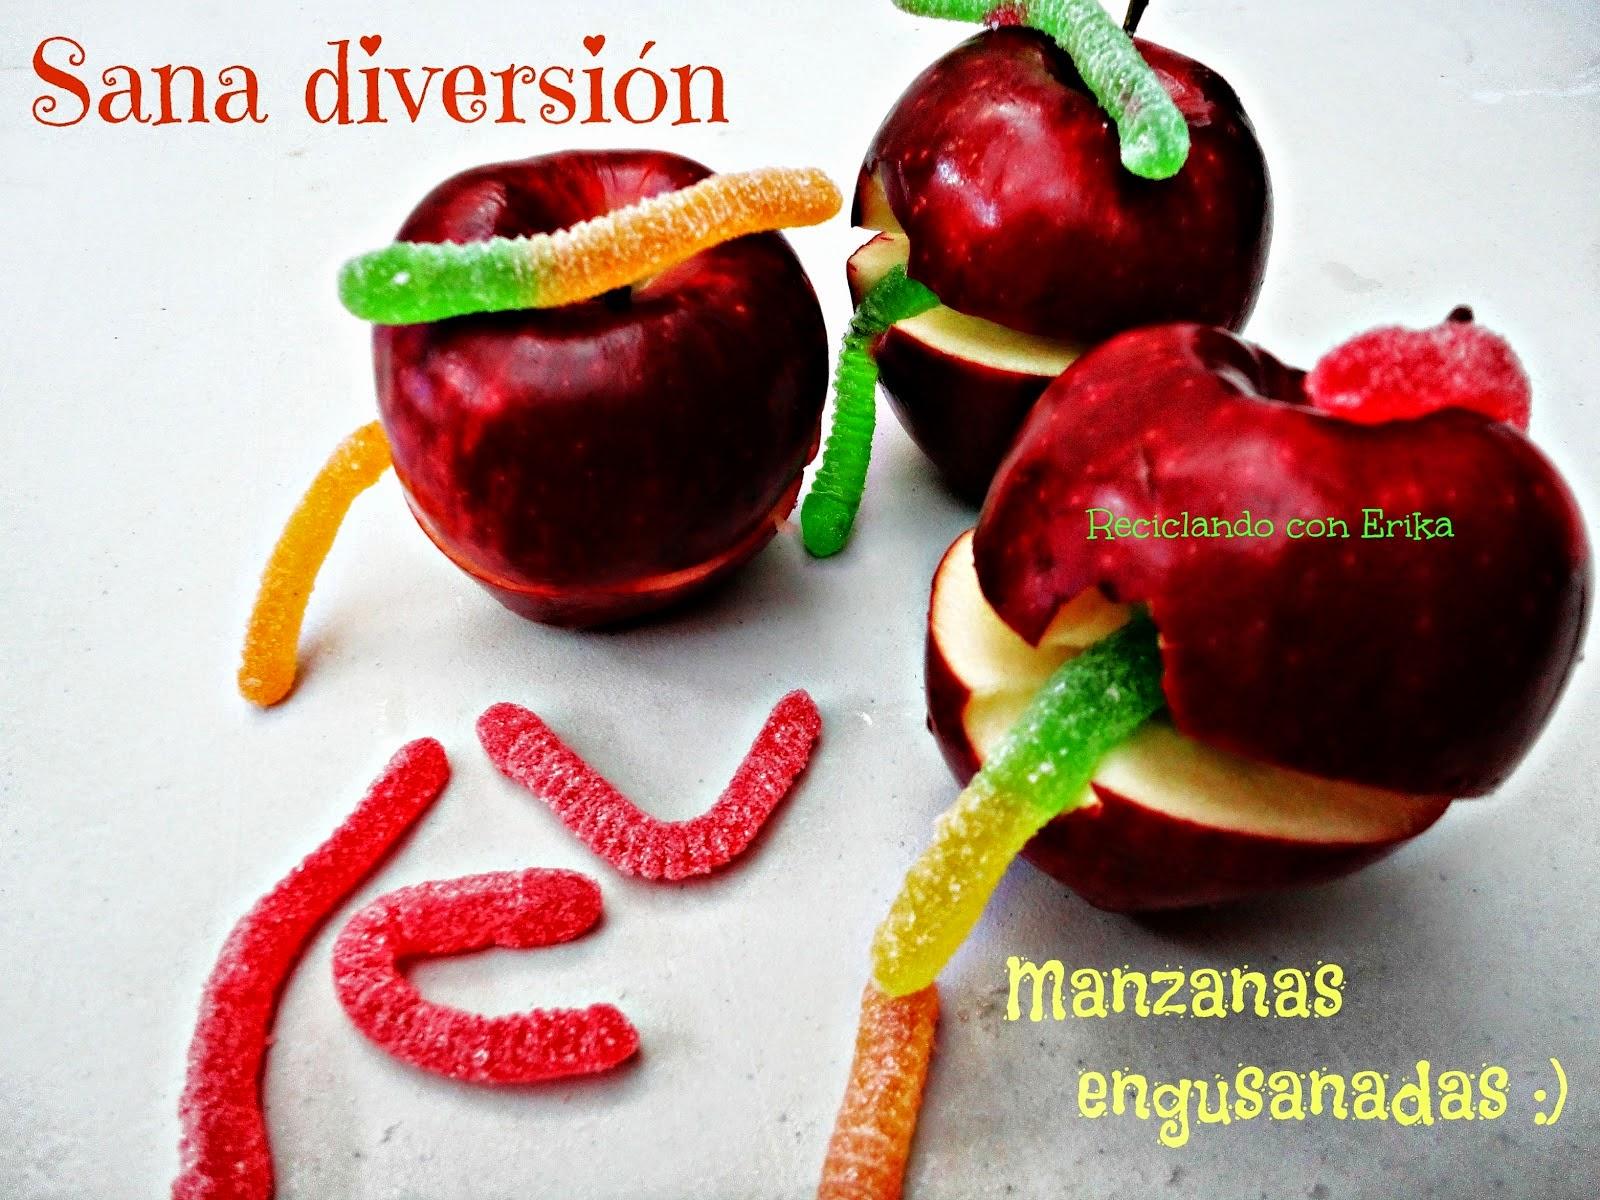 http://reciclajeconerika.blogspot.com